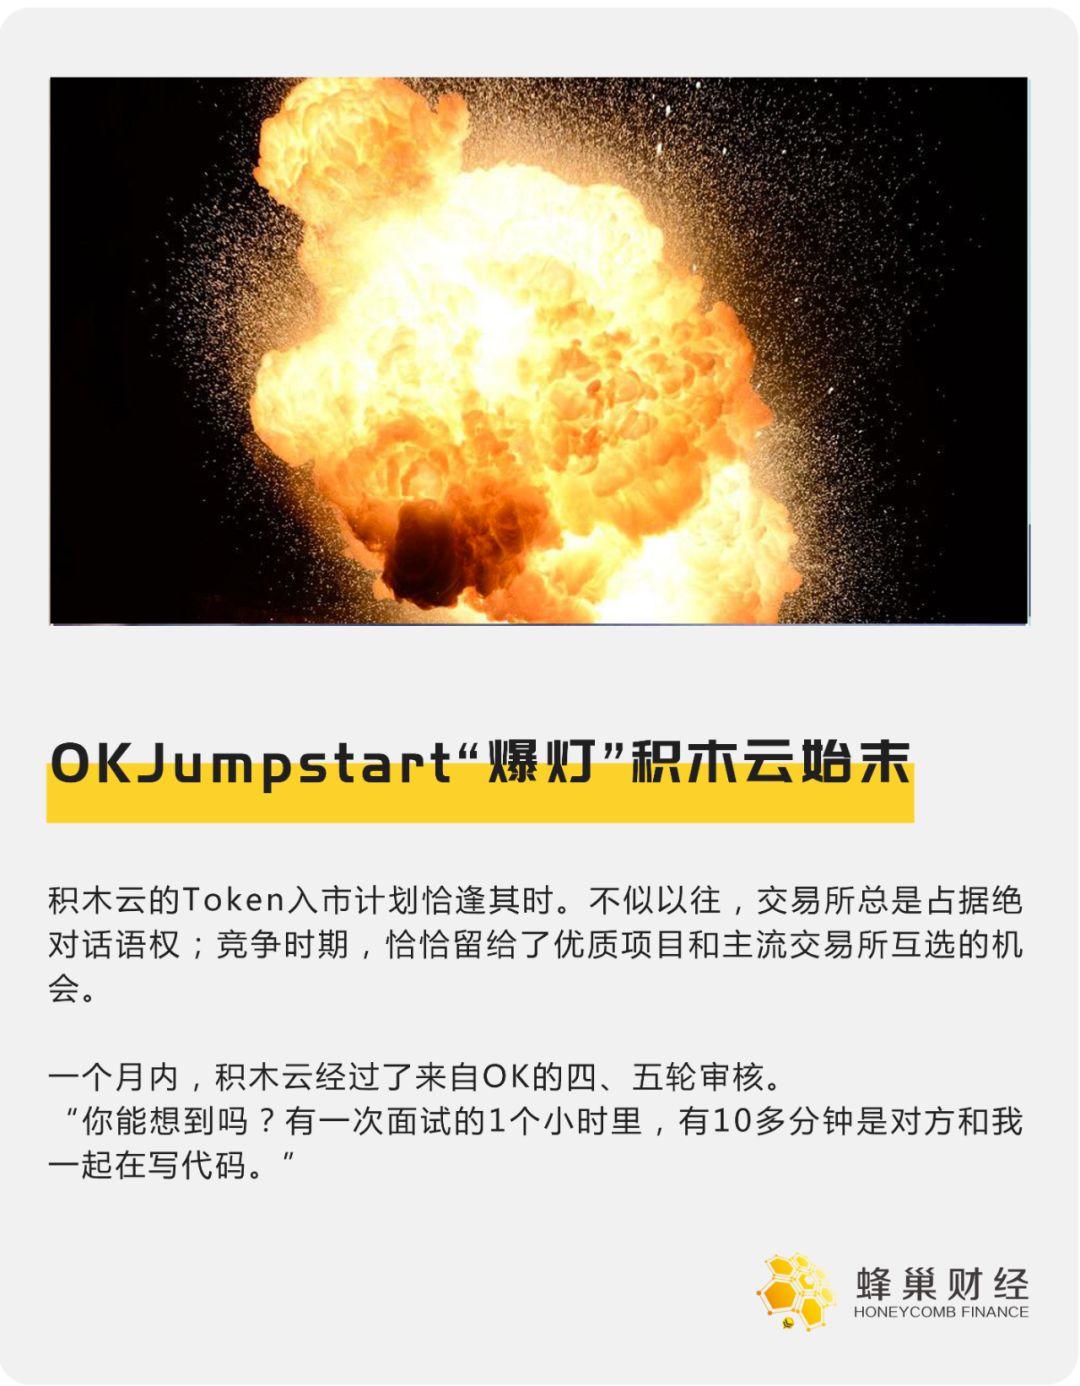 """OKJumpstart""""爆灯""""积木云始末"""